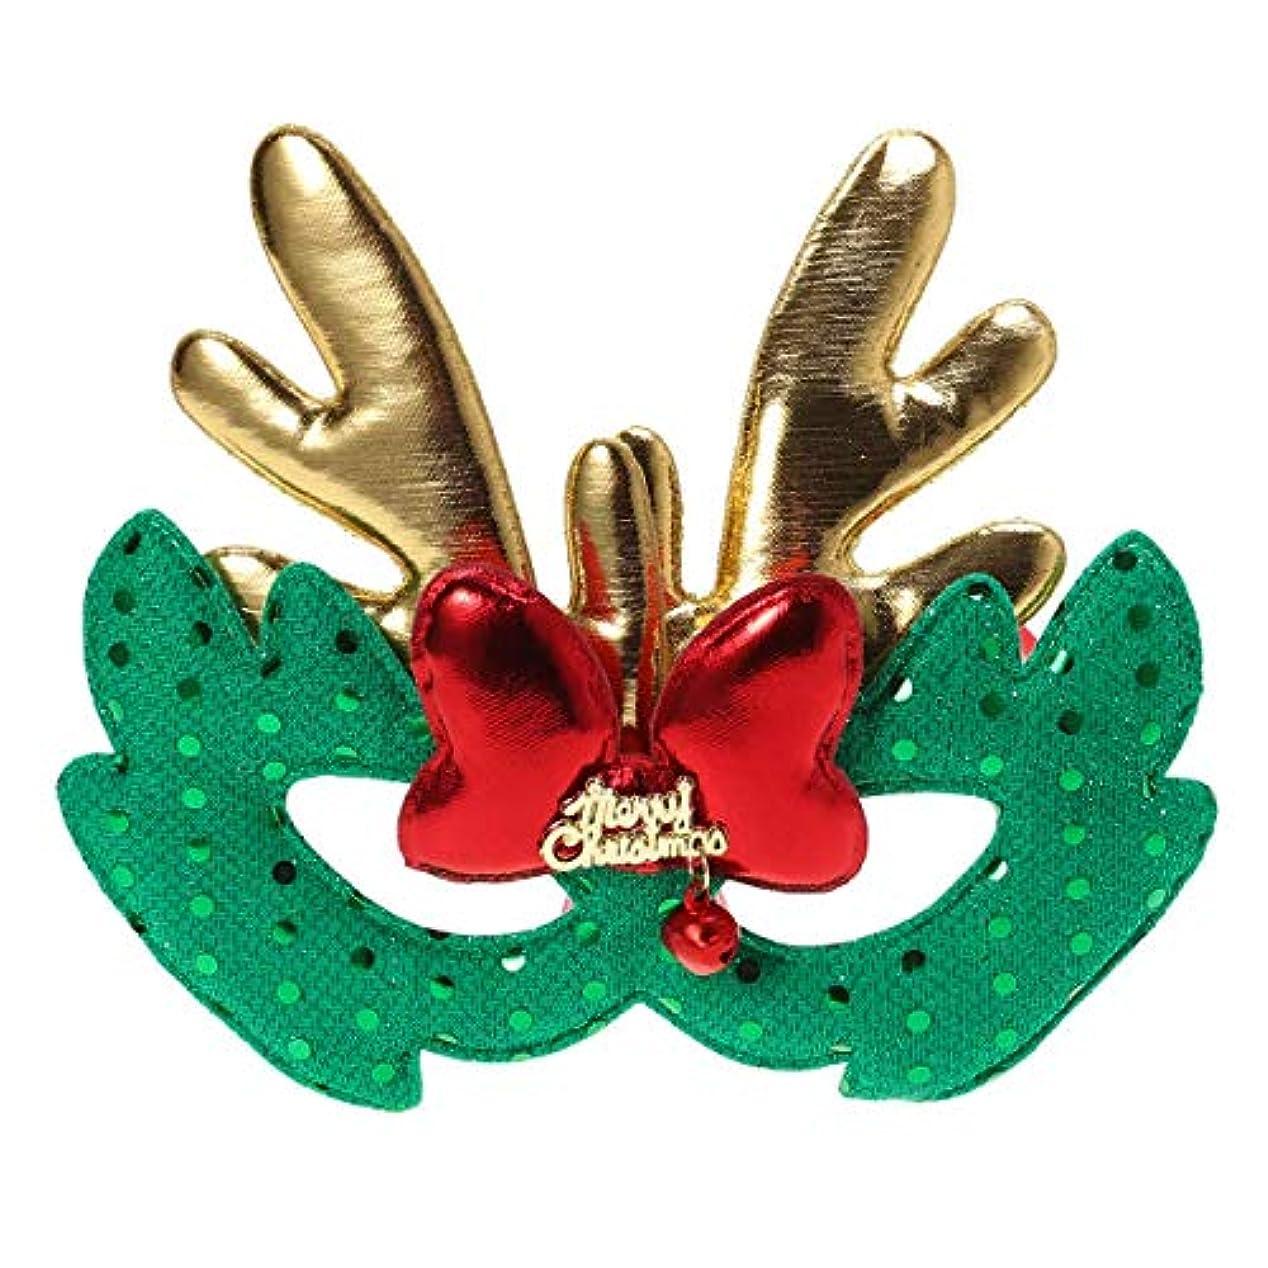 備品デッド吸収剤BESTOYARD エルククリスマスコスチュームマスク布マスク子供大人コスプレクリスマスパーティーグリーン